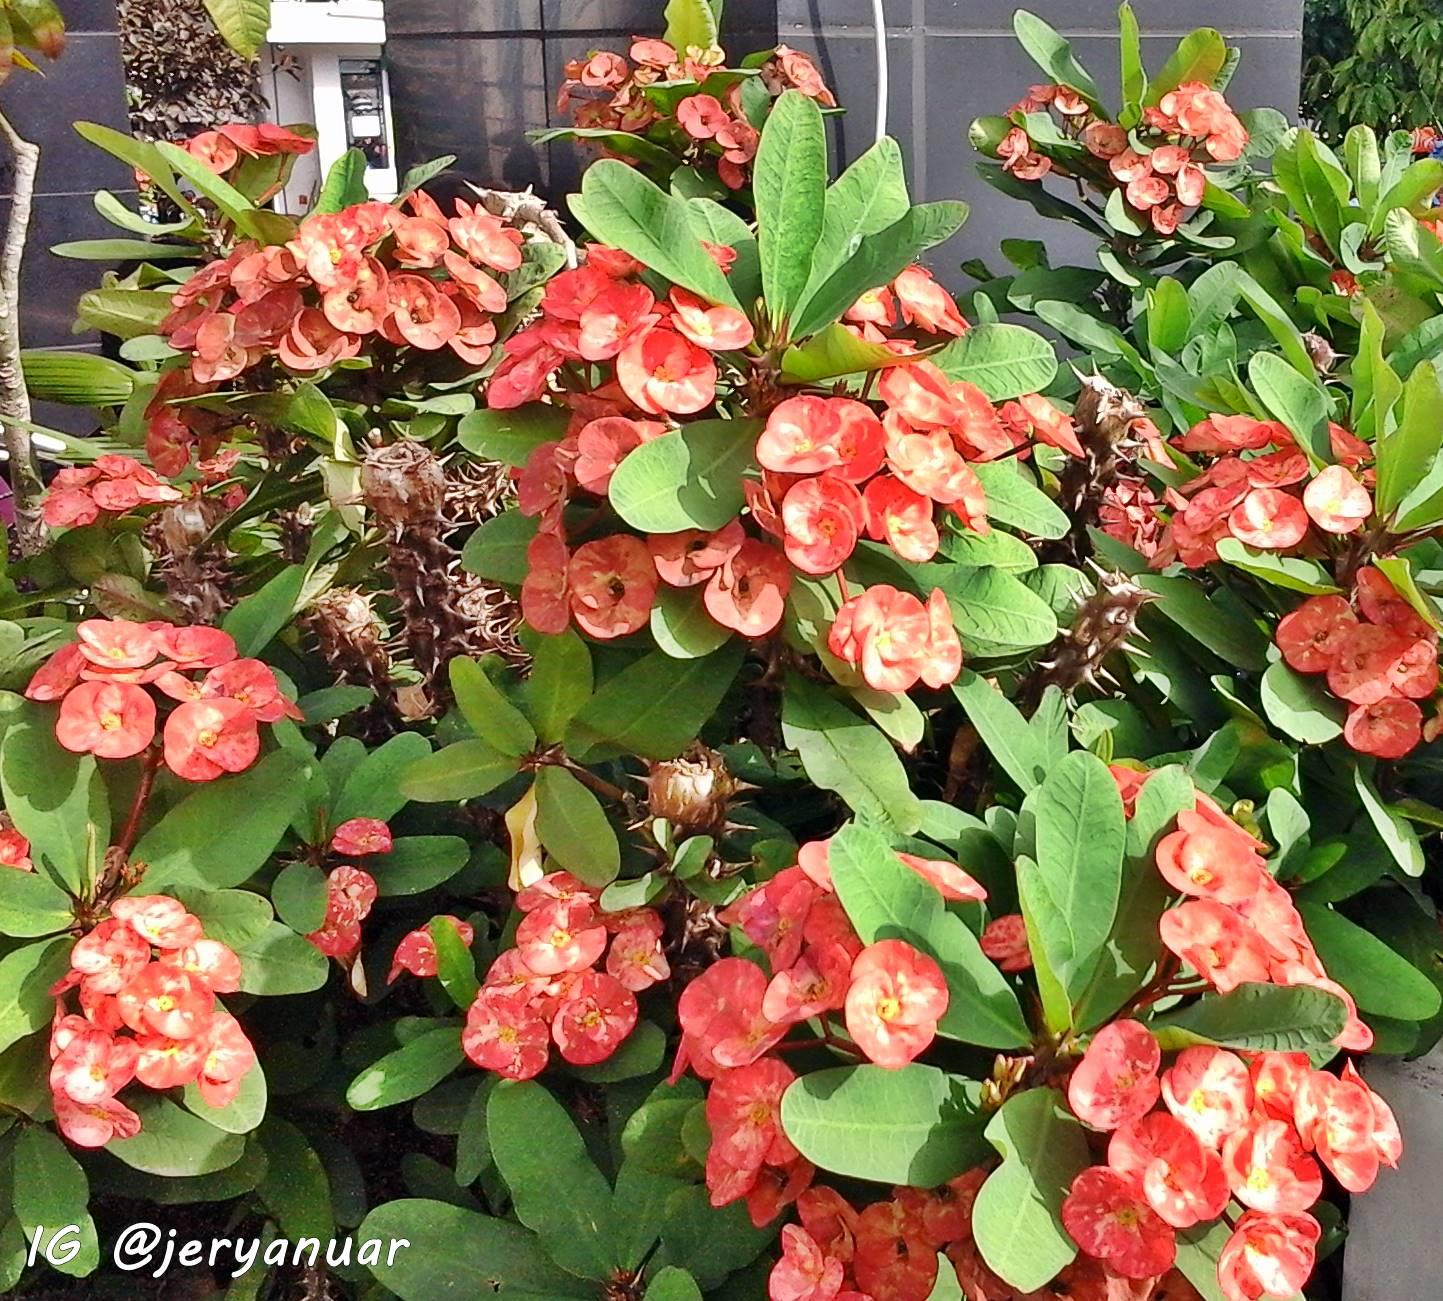 Cara Menyiram Euphorbia Yang Baik & Benar